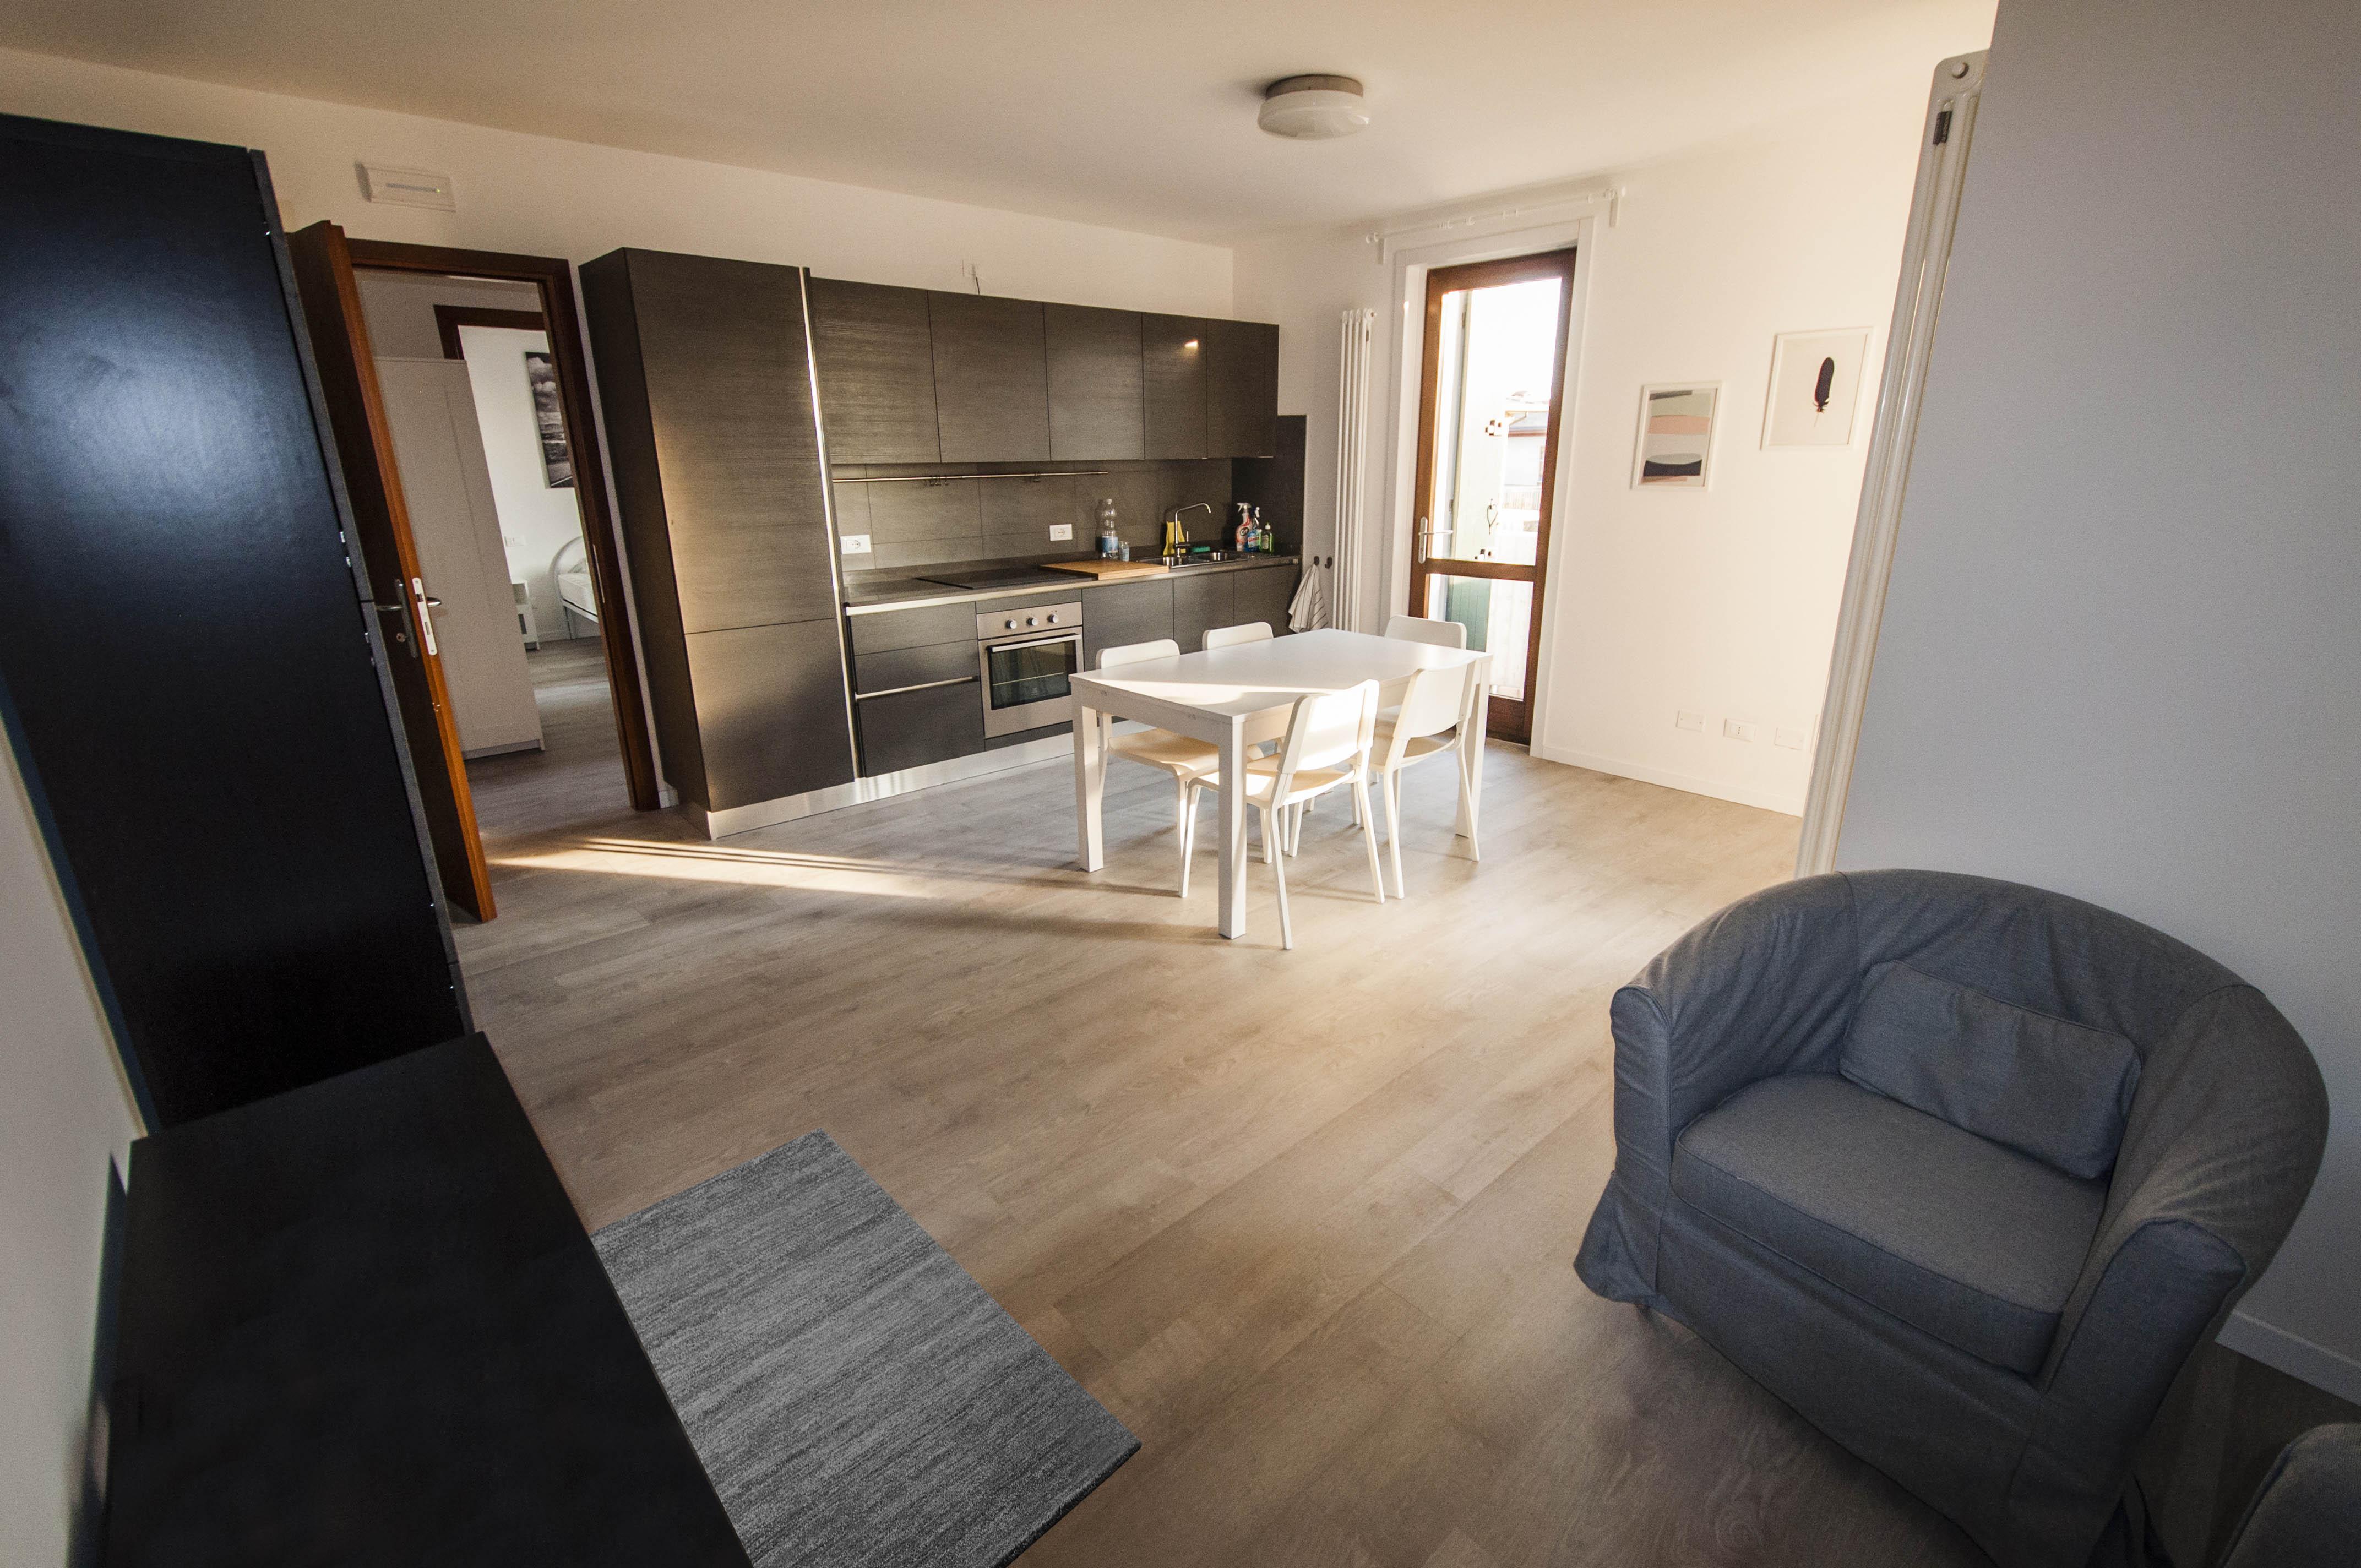 Camere-in-Affitto-Treviso-Villorba-Studio-Architettura-Zanatta-94